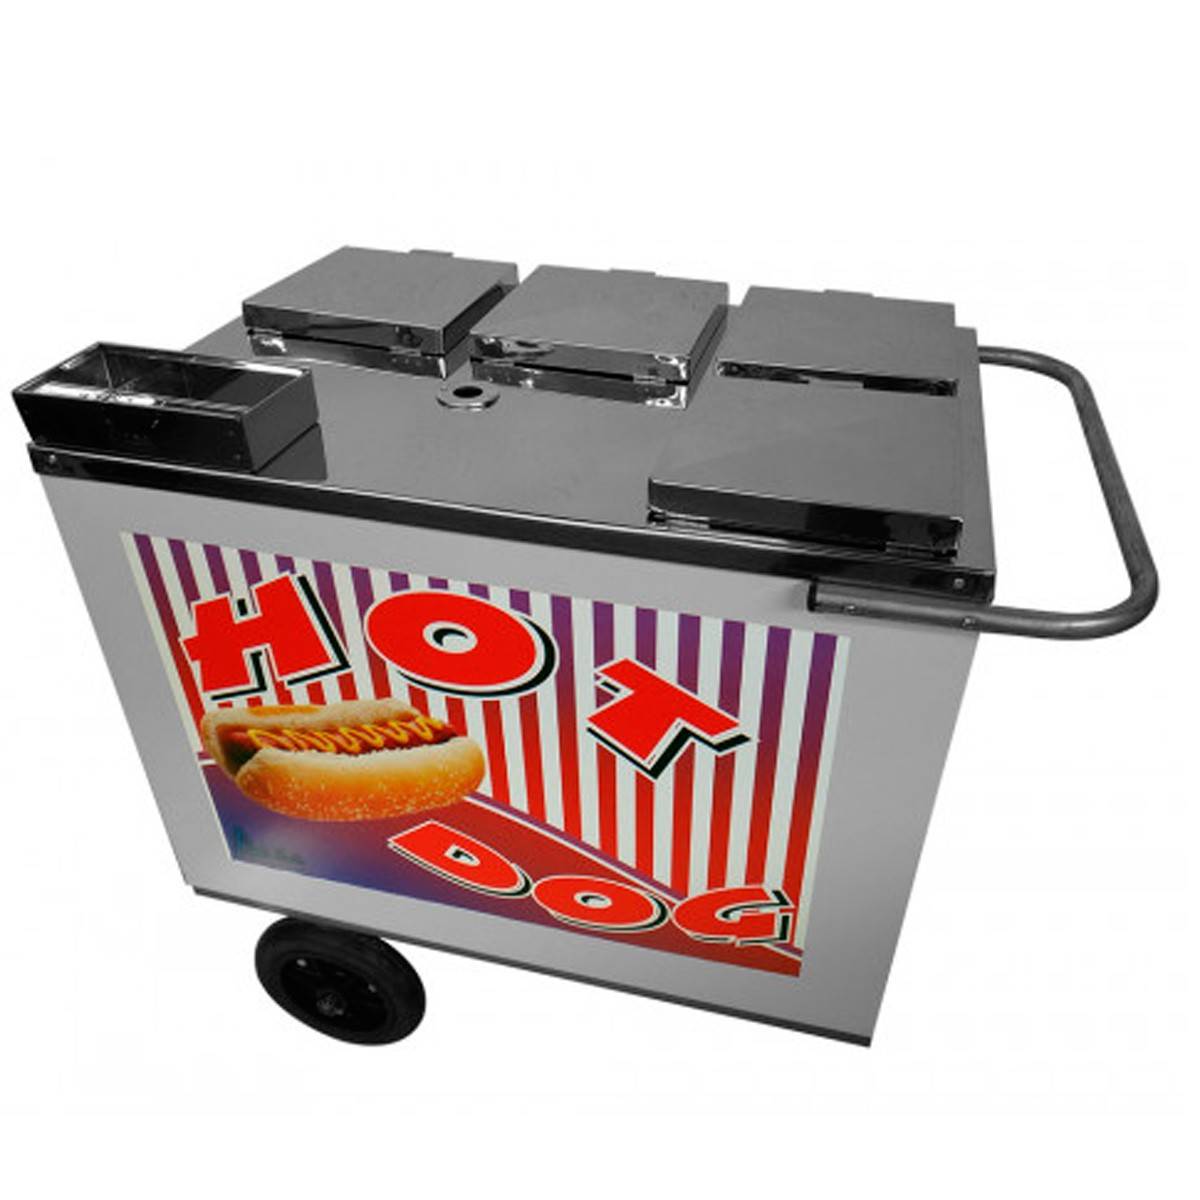 Carrinho para hot-dog simples Alsa